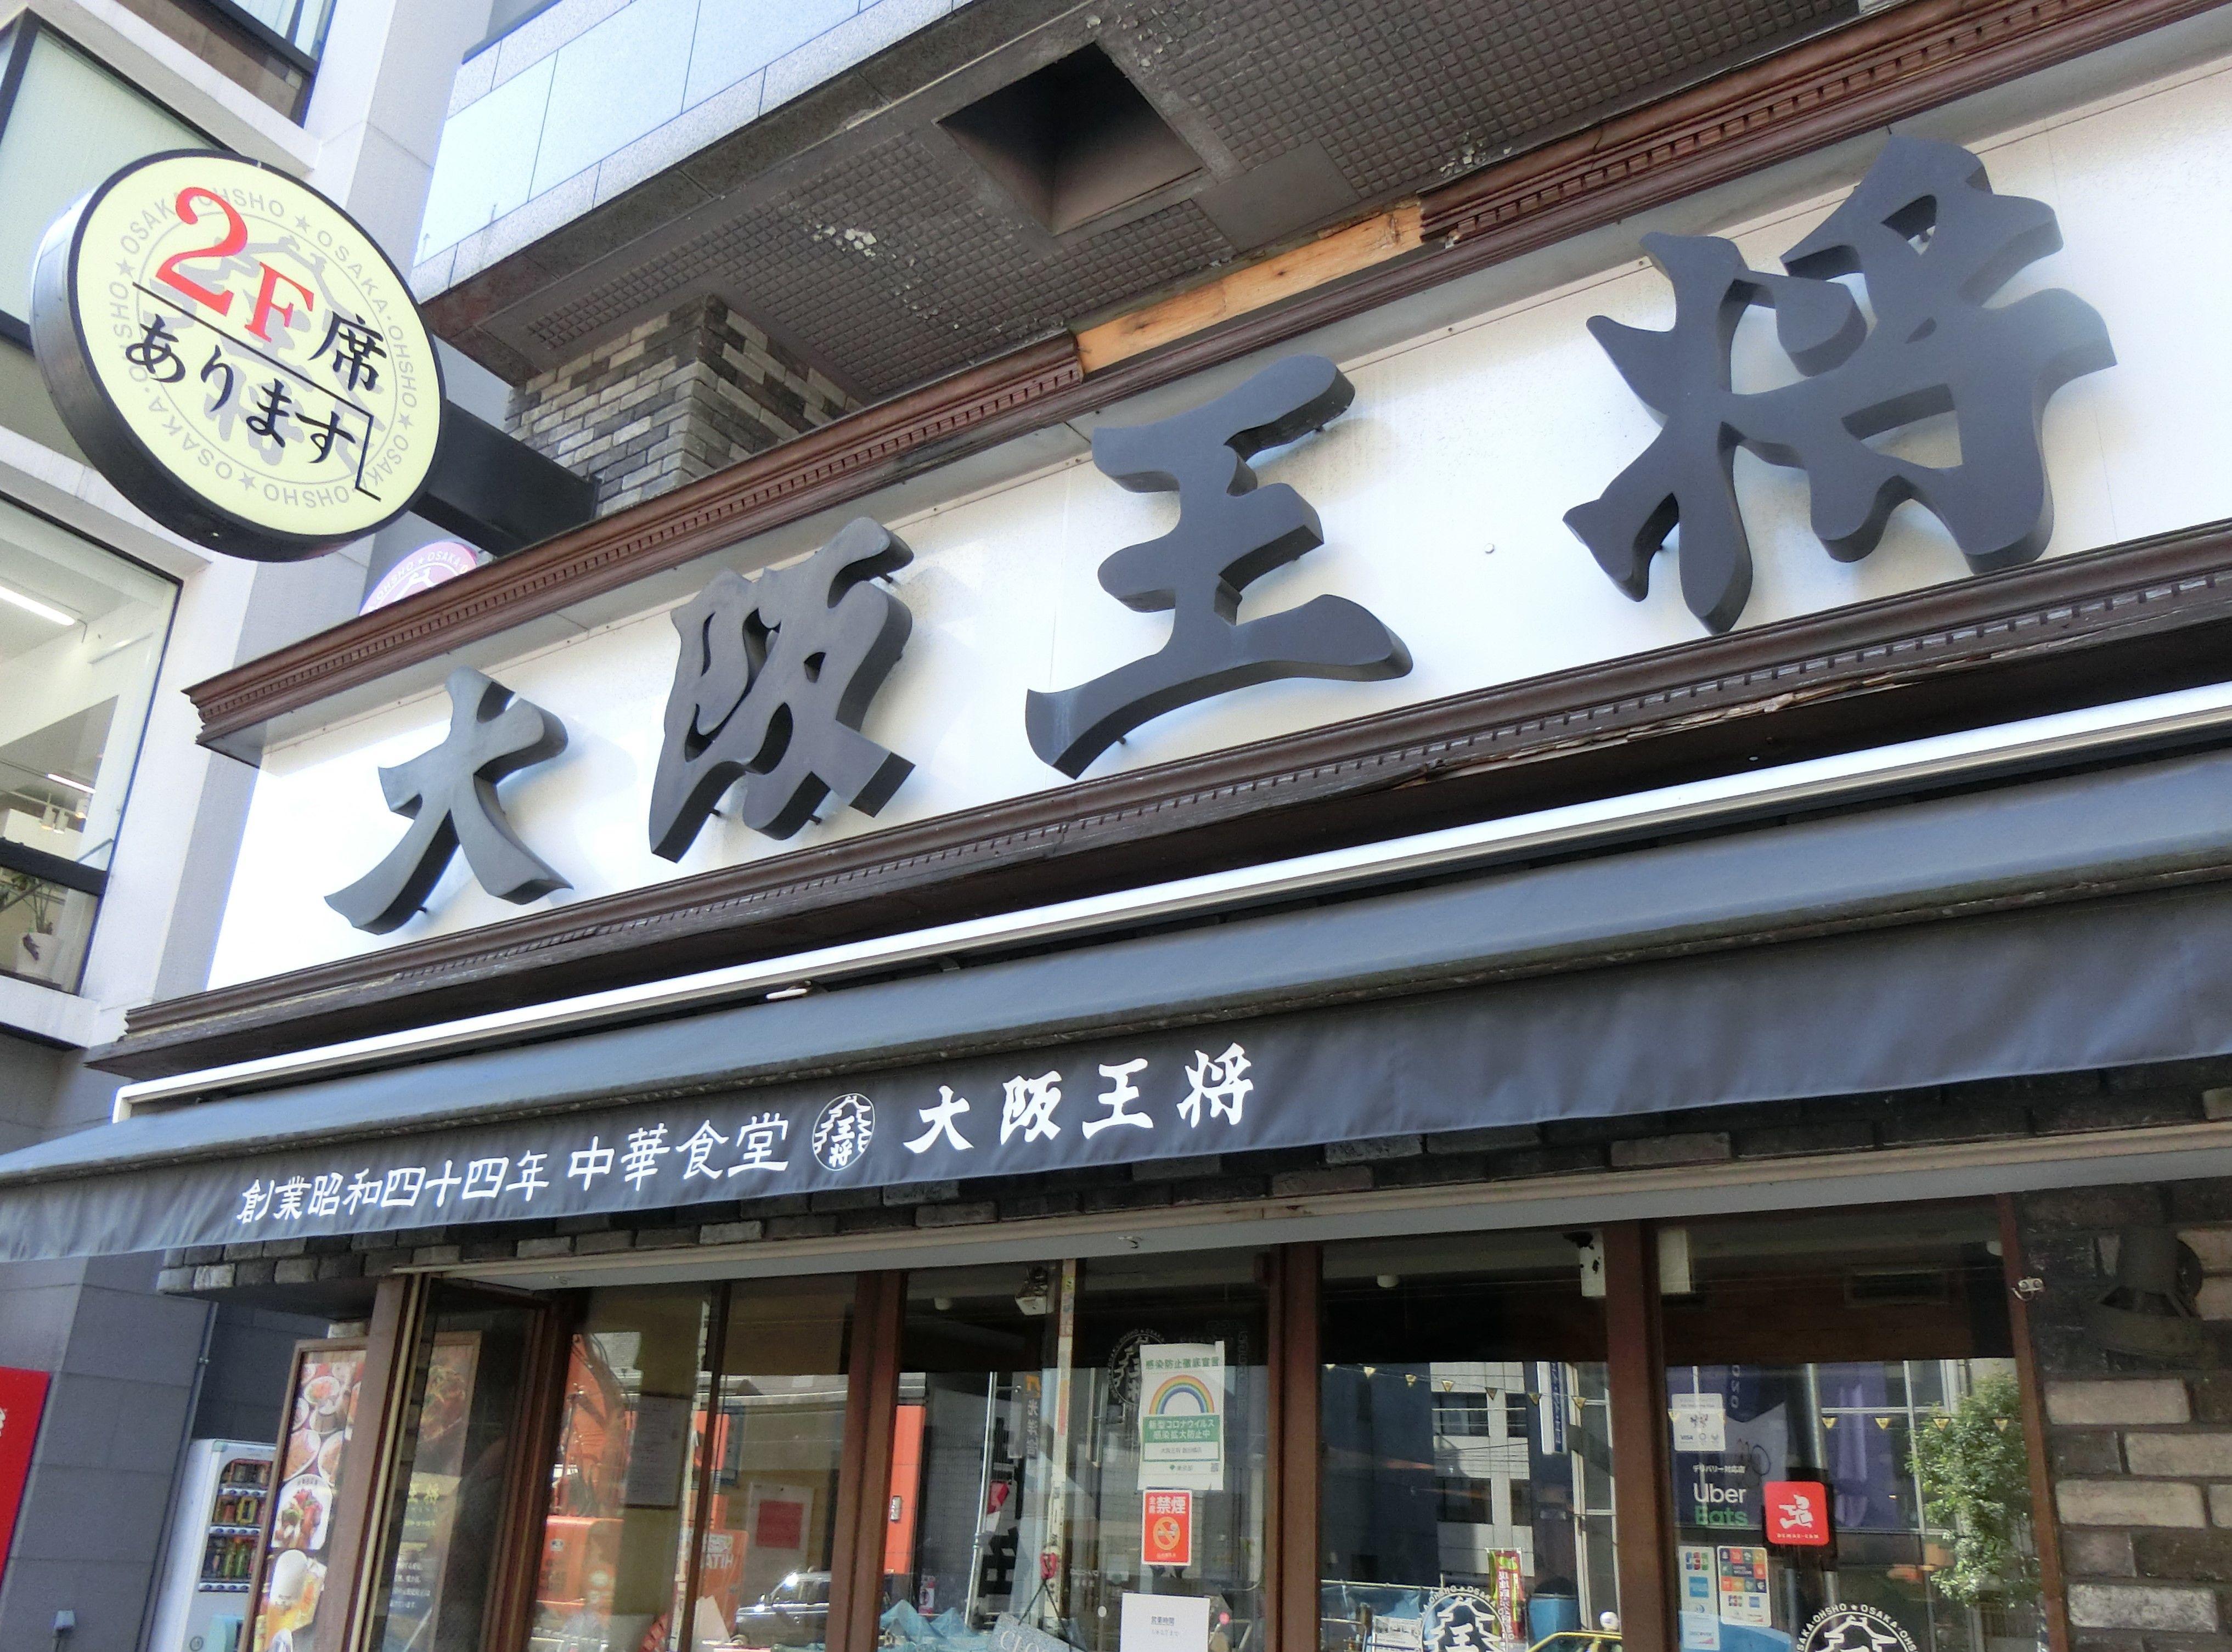 【イートアンドHD】6年ぶりにM&Aを再起動、 タンメン発祥の「横濱一品香」買収